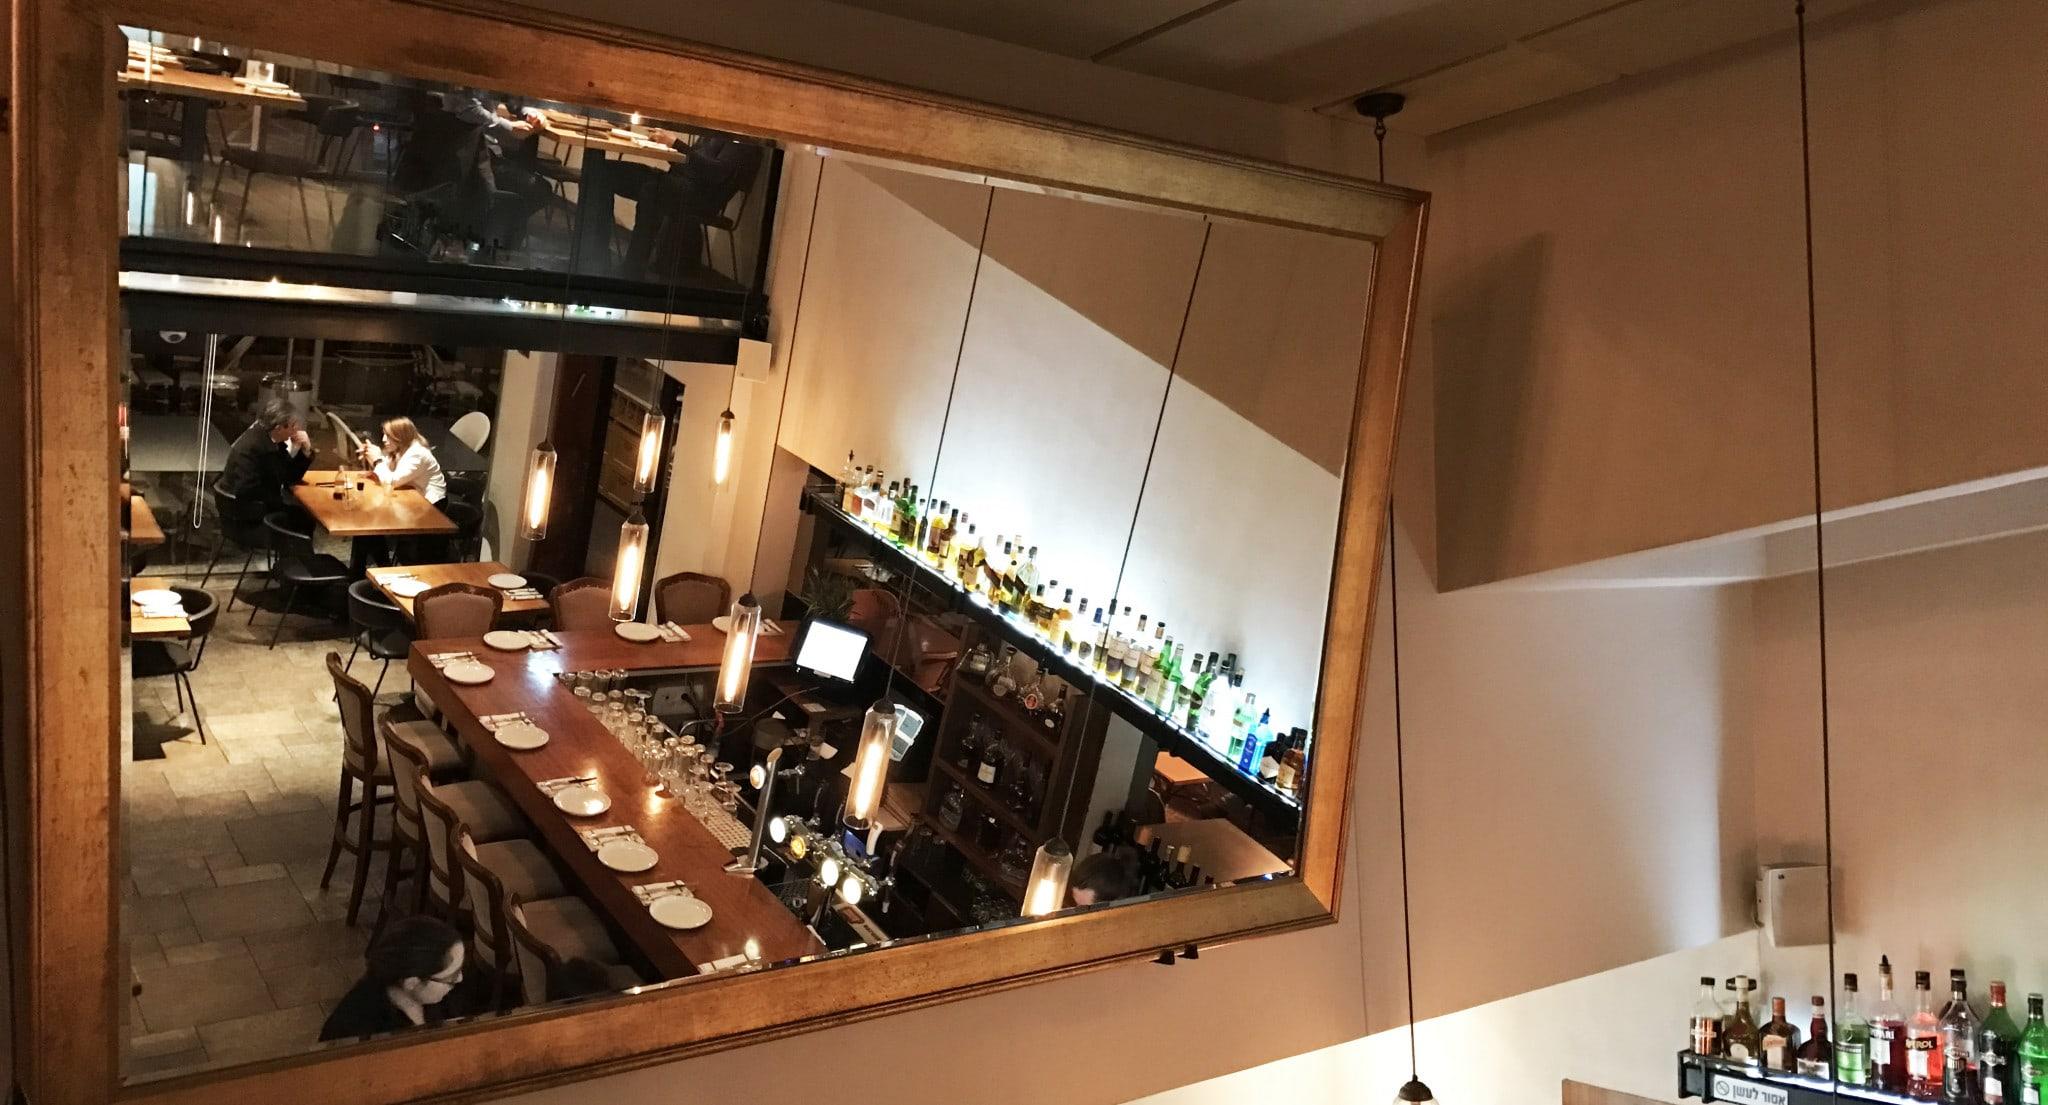 ISRAEL - Jerusalem, Tel Aviv & Haifa: My favorite restaurant hotspots for lunch & dinner